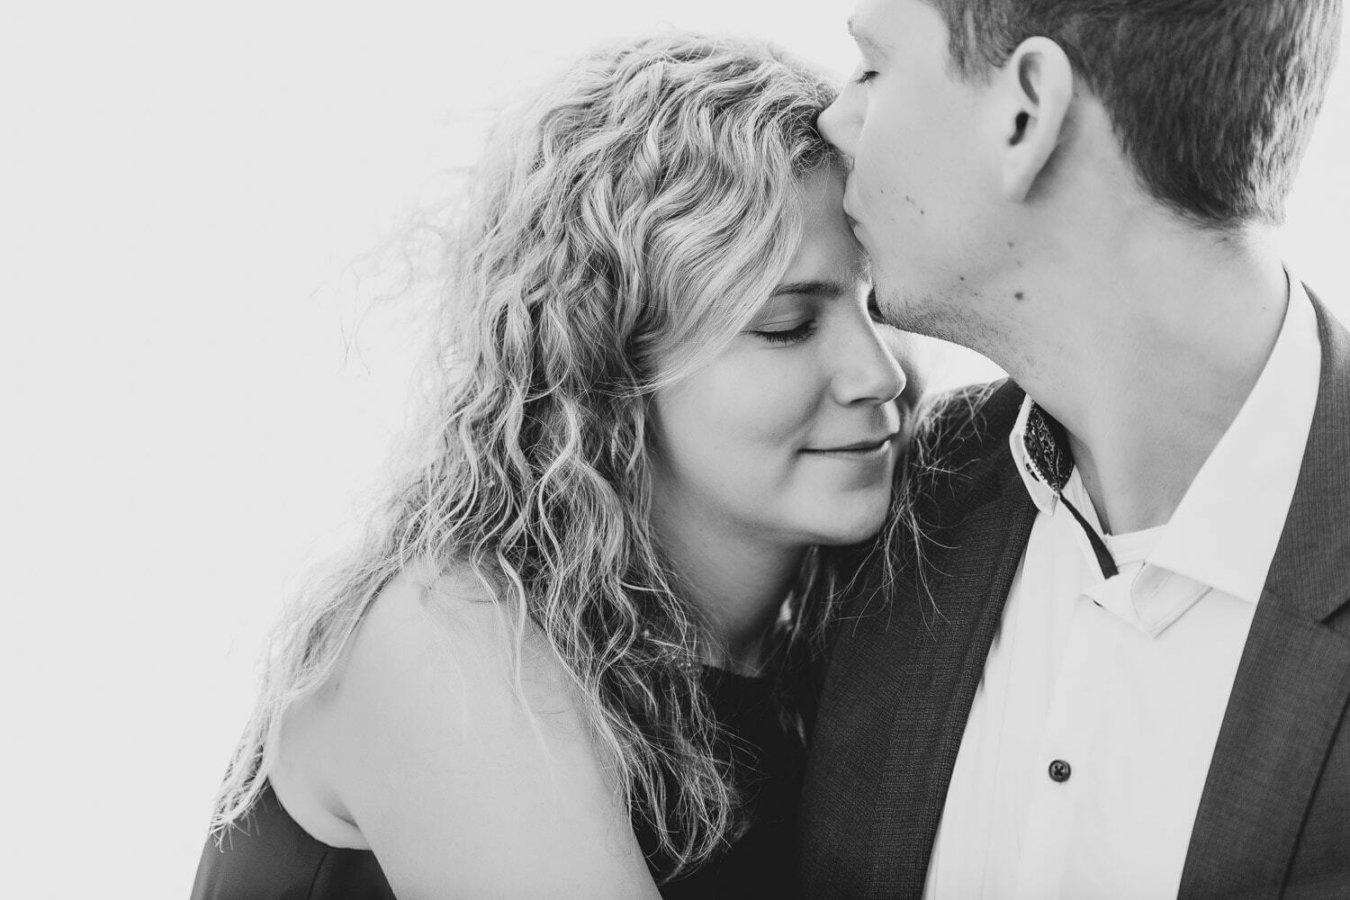 Paarshooting zeigt die Gesichter in Schwarzweiss